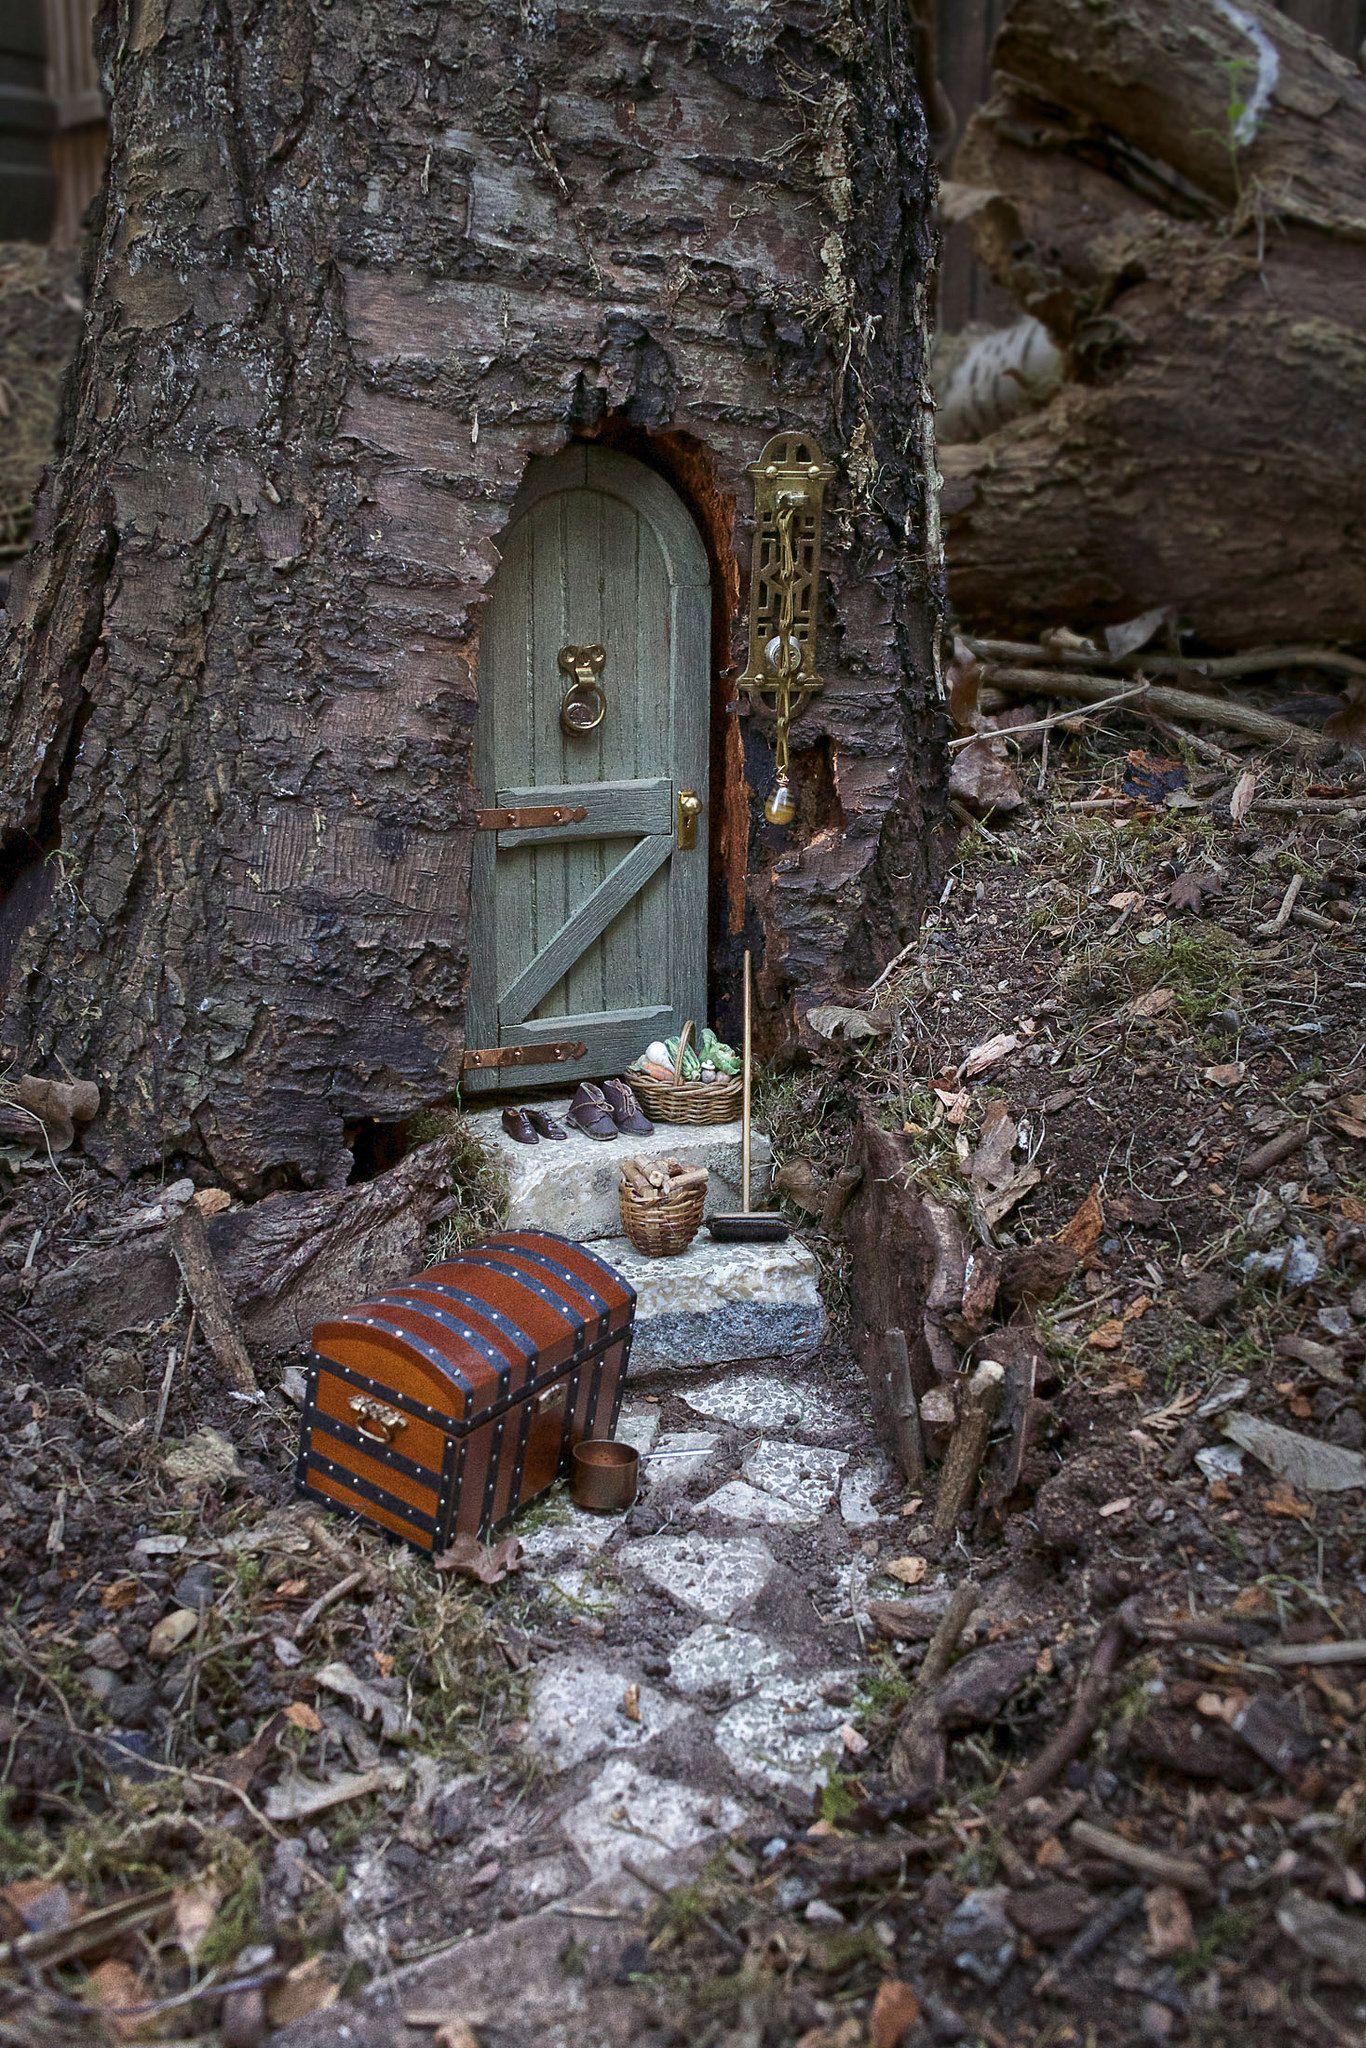 Fairy door in tree trunk fairy doors tree trunks and garden projects